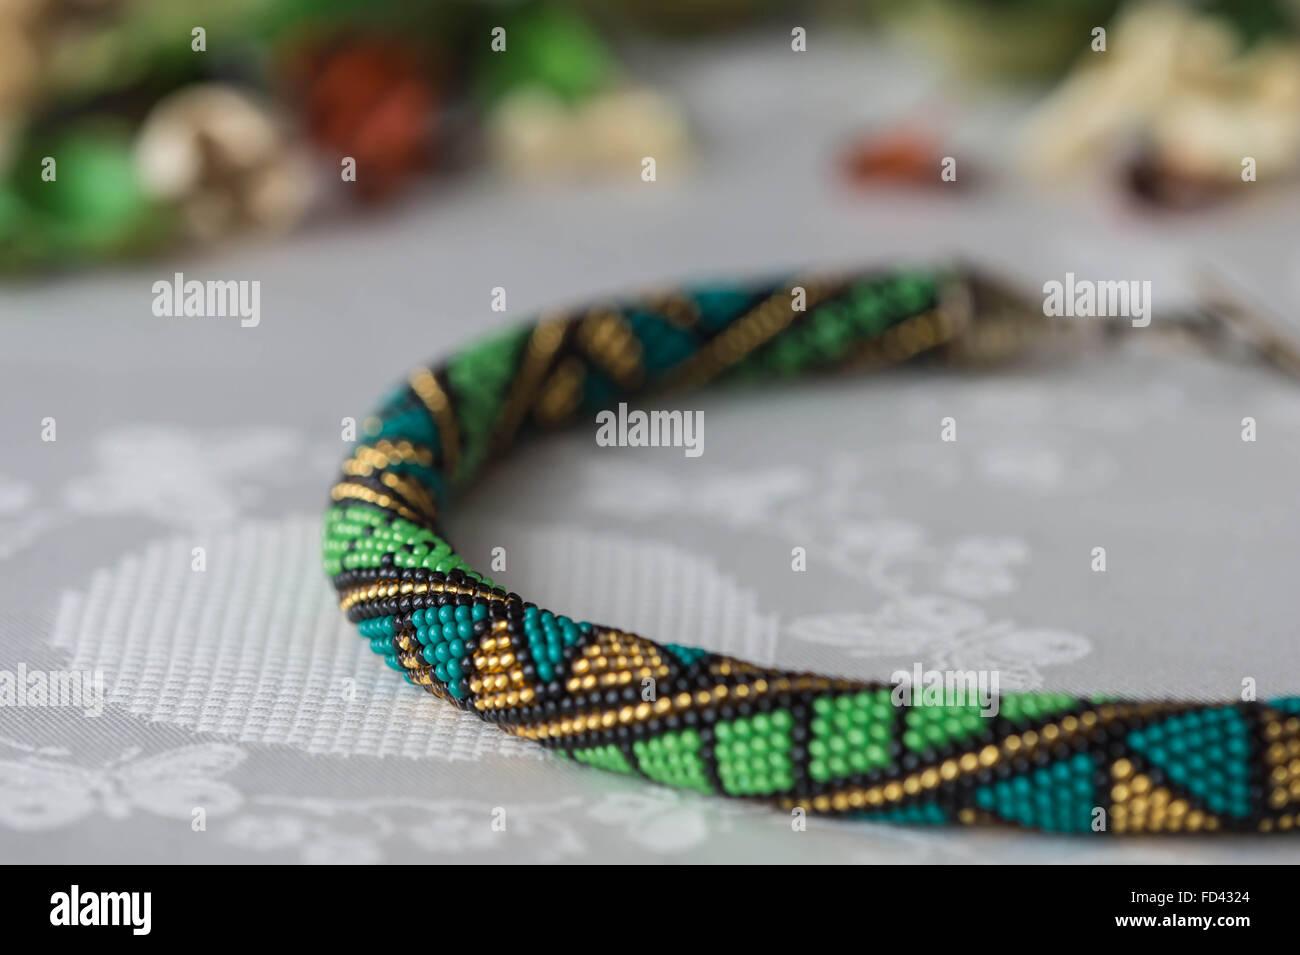 Handarbeit Häkeln Perlenkette Mit Geometrischen Muster Stockfoto